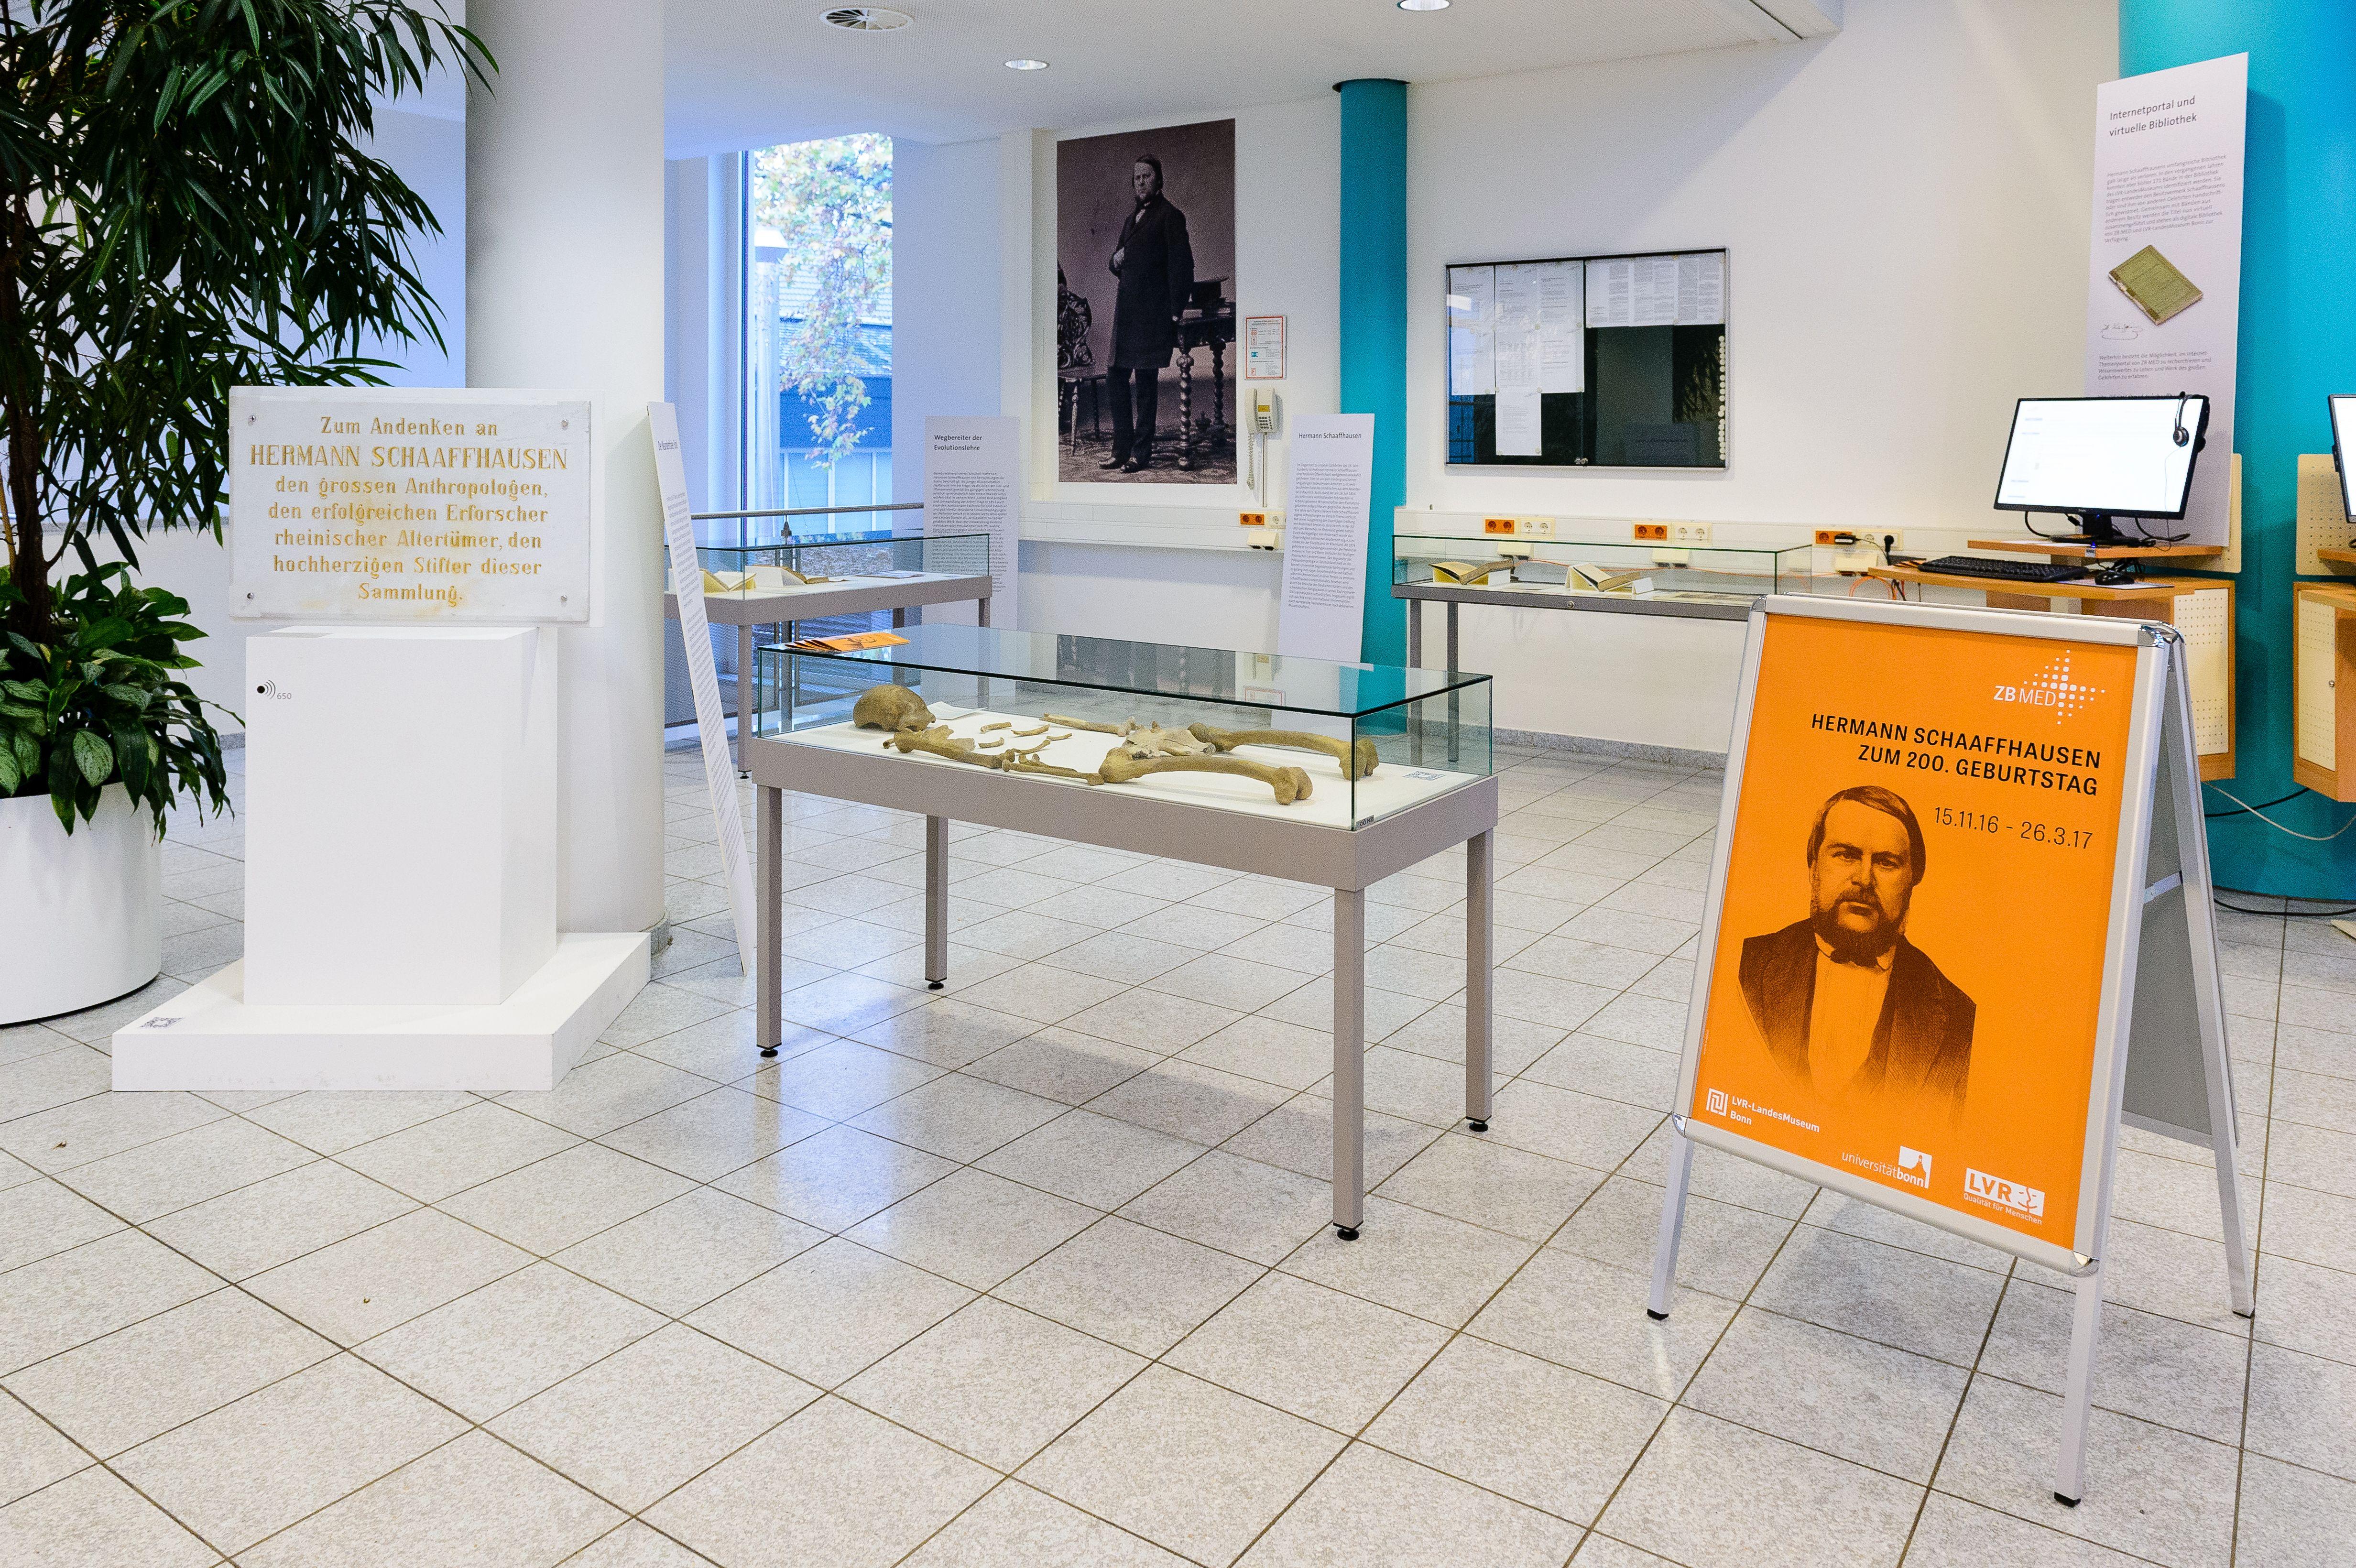 """Read more about the article """"Hermann Schaaffhausen zum 200. Geburtstag"""" – Vortrag zur Ausstellungseröffnung"""